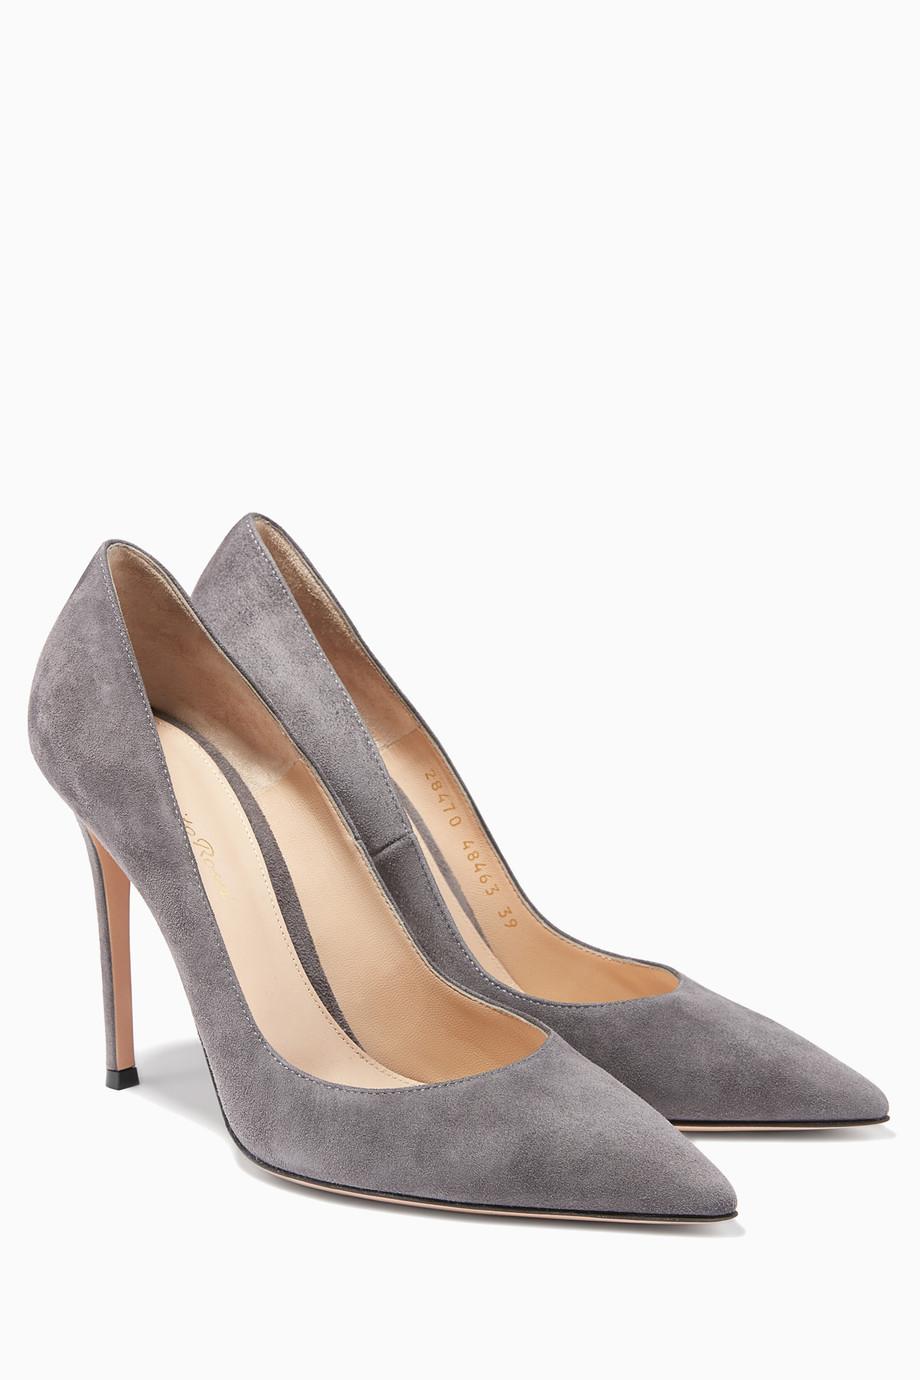 9803ef4656ba9 تسوق حذاء من جلد الغزال الأسود جيانفيتو روسي رمادي للنساء